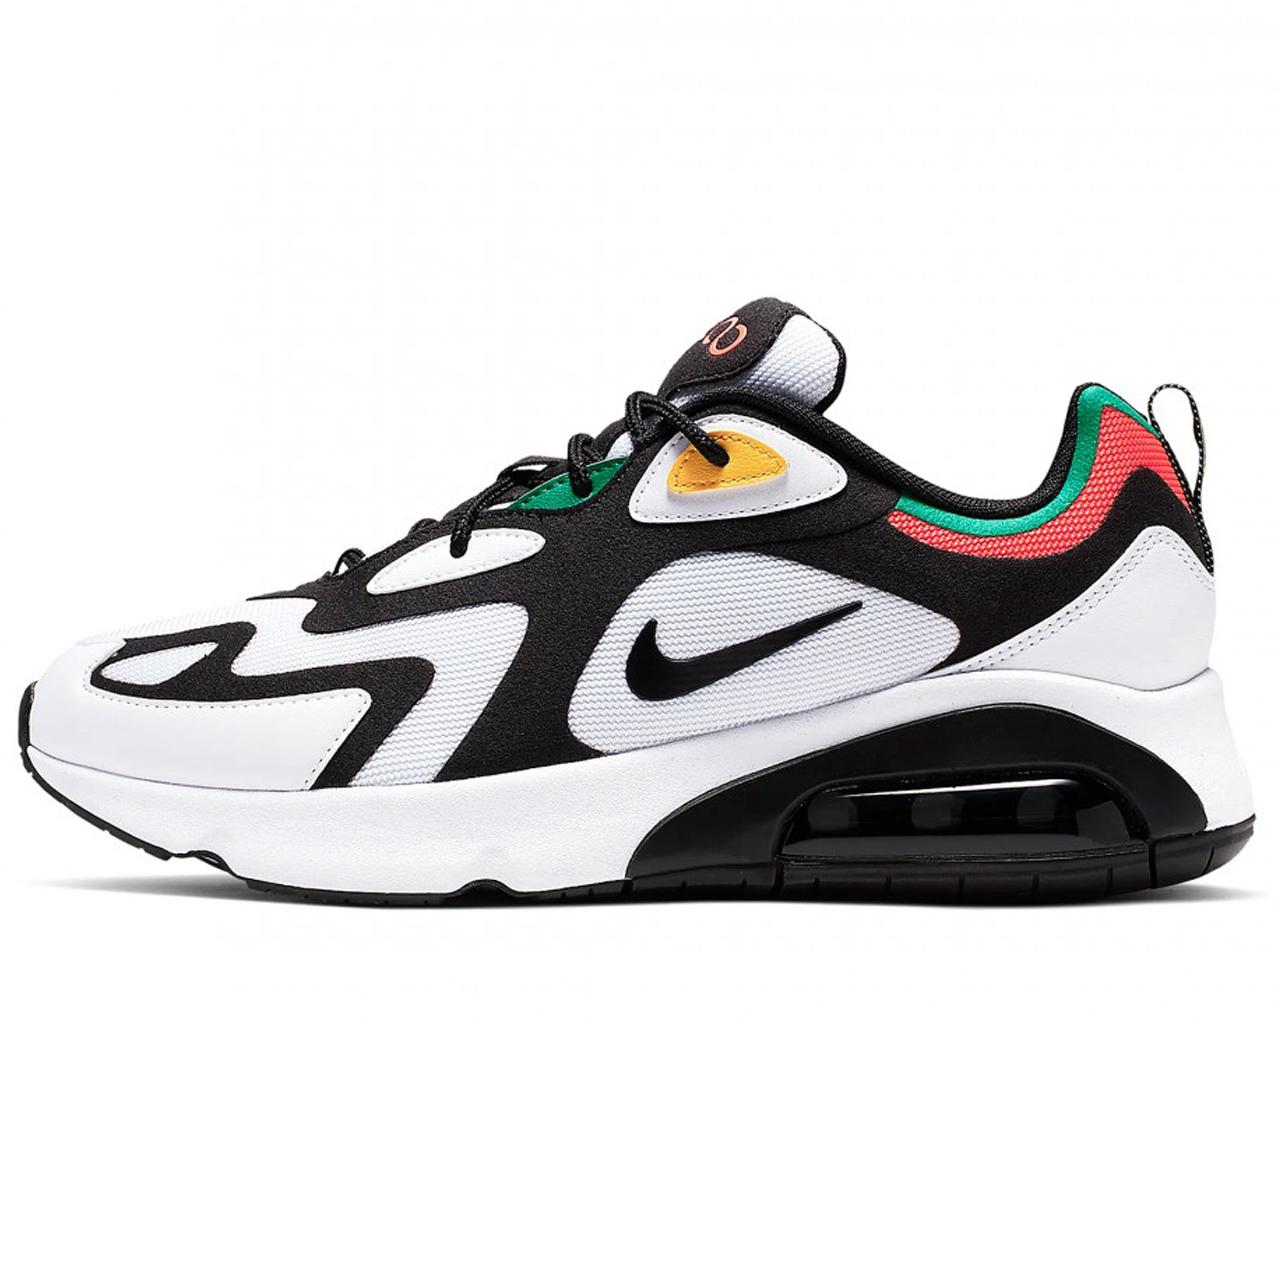 کفش مخصوص دویدن زنانه نایکی مدل Air max